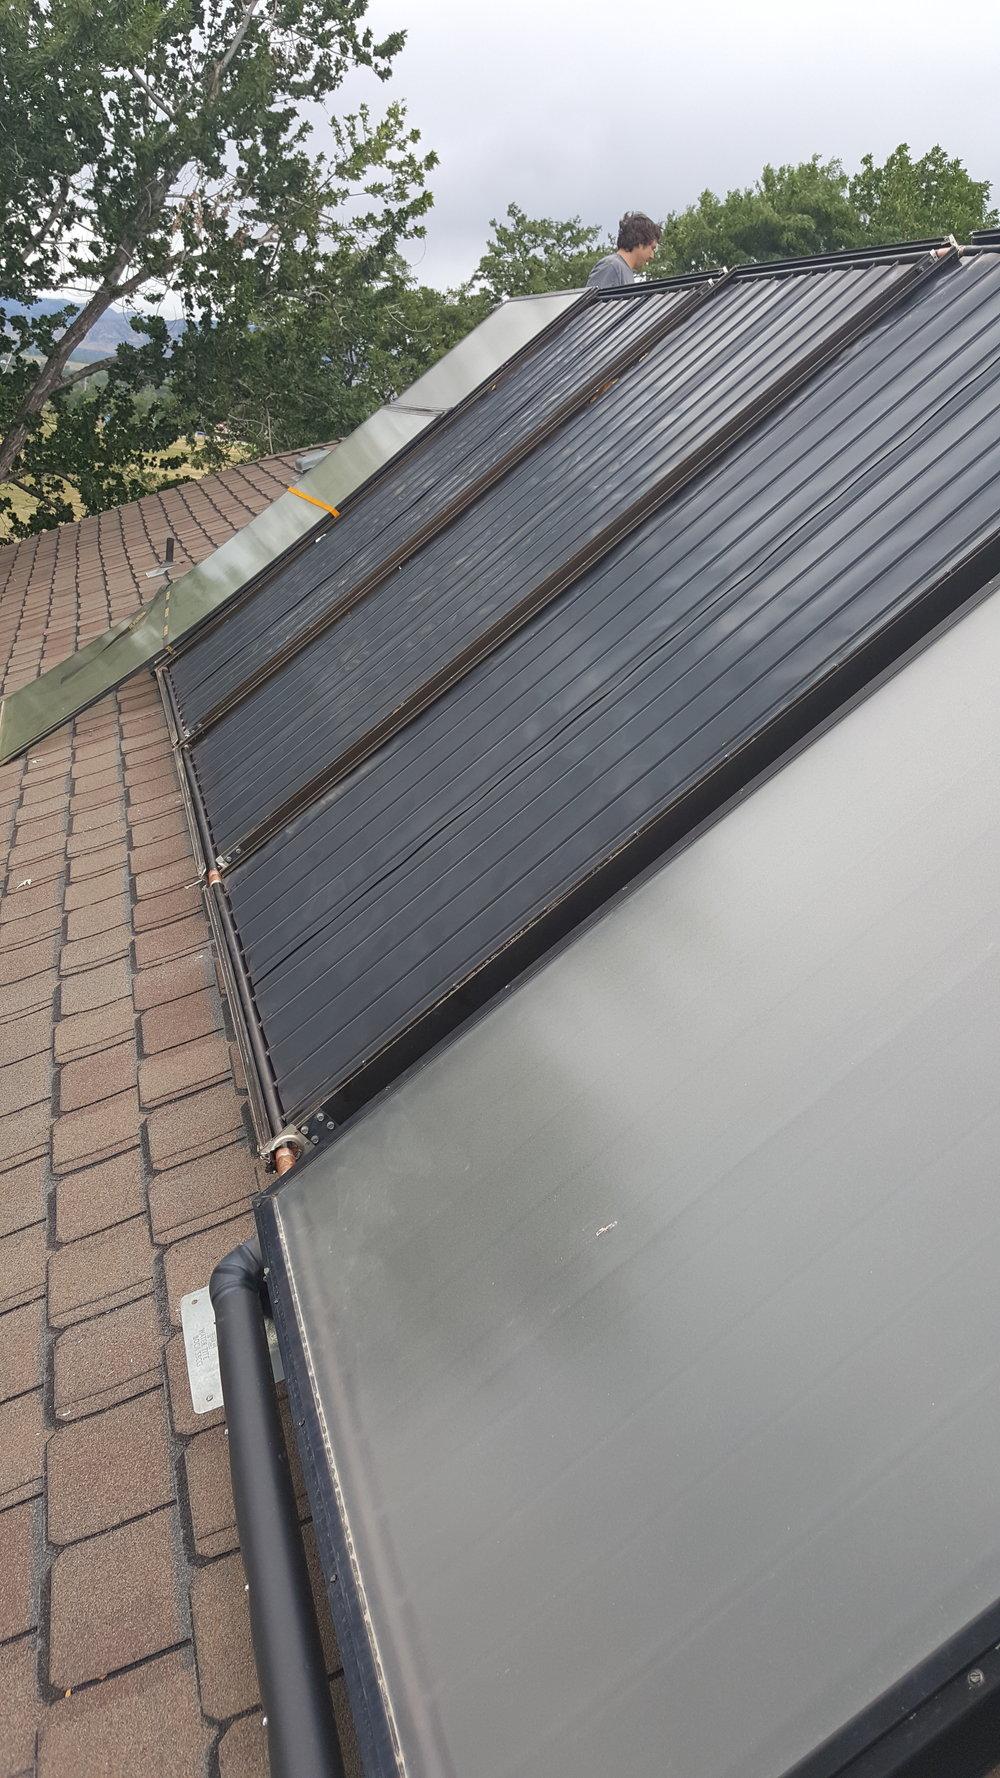 Panel leak repair